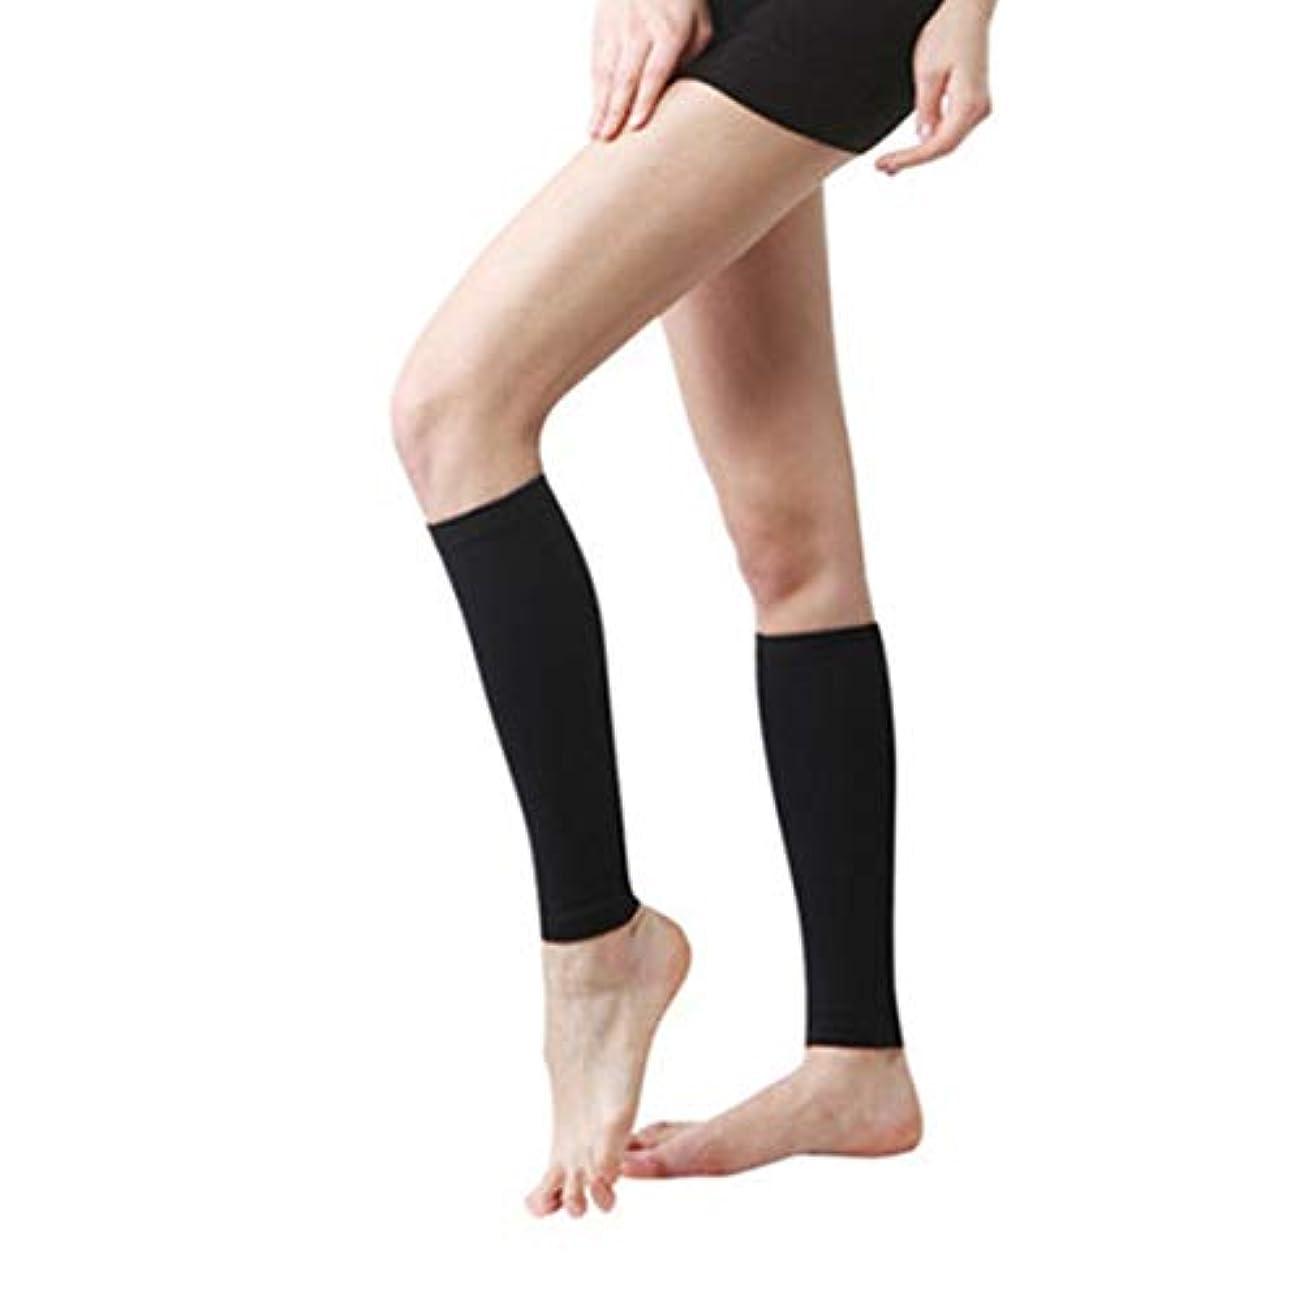 ドラム半円考案する丈夫な男性女性プロの圧縮靴下通気性のある旅行活動看護師用シンススプリントフライトトラベル - ブラック